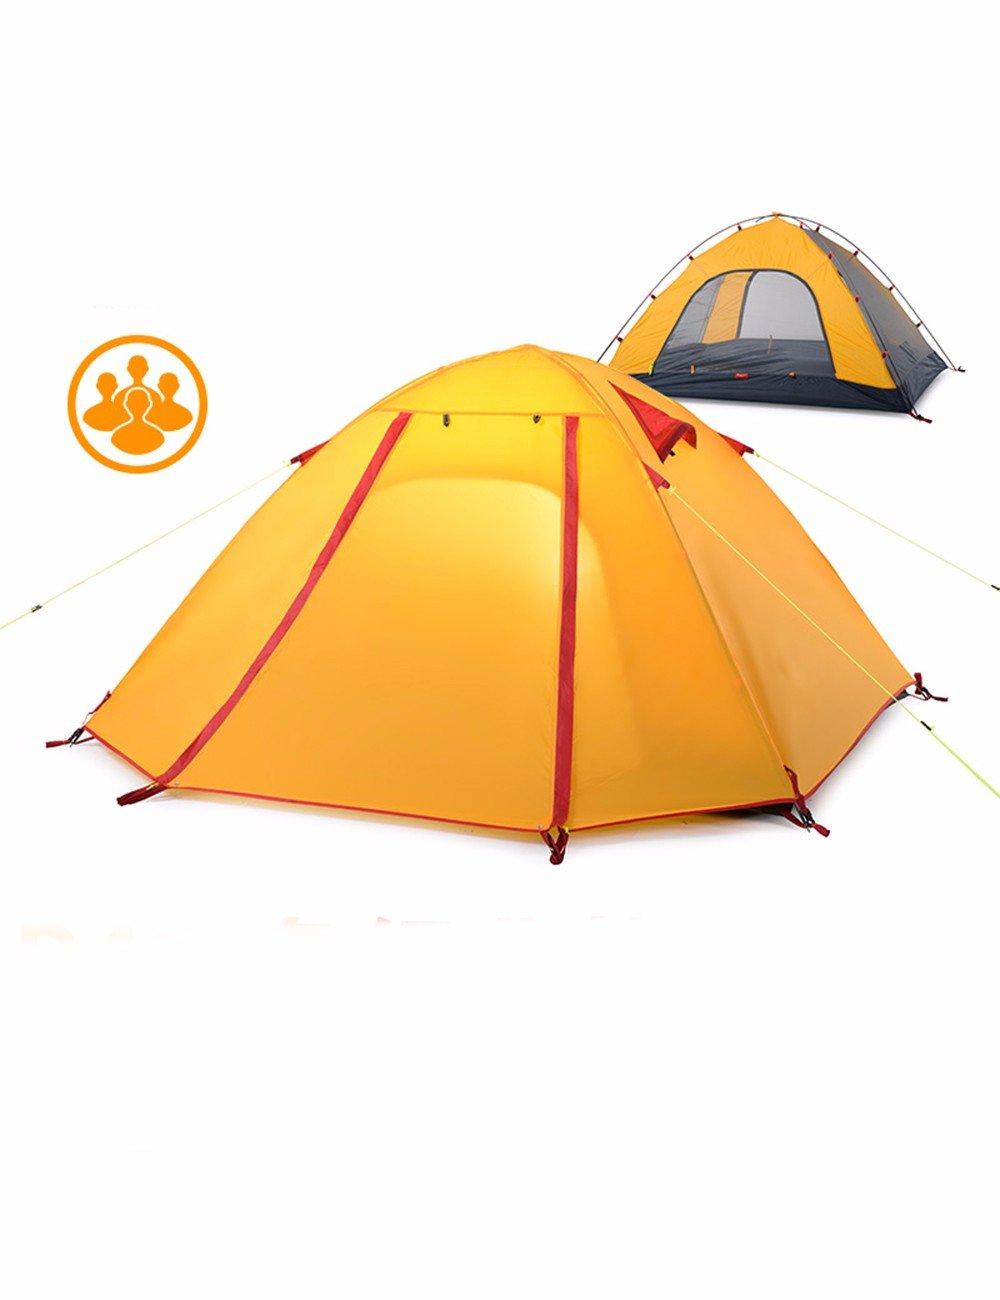 SJQKA-Anti-Rainstorm Outdoor Zelt, Outdoor SJQKA-Anti-Rainstorm 3-4 eine Familie von Zelte 2 Doppelzimmer Camping Zelt Paare, die 28cba9